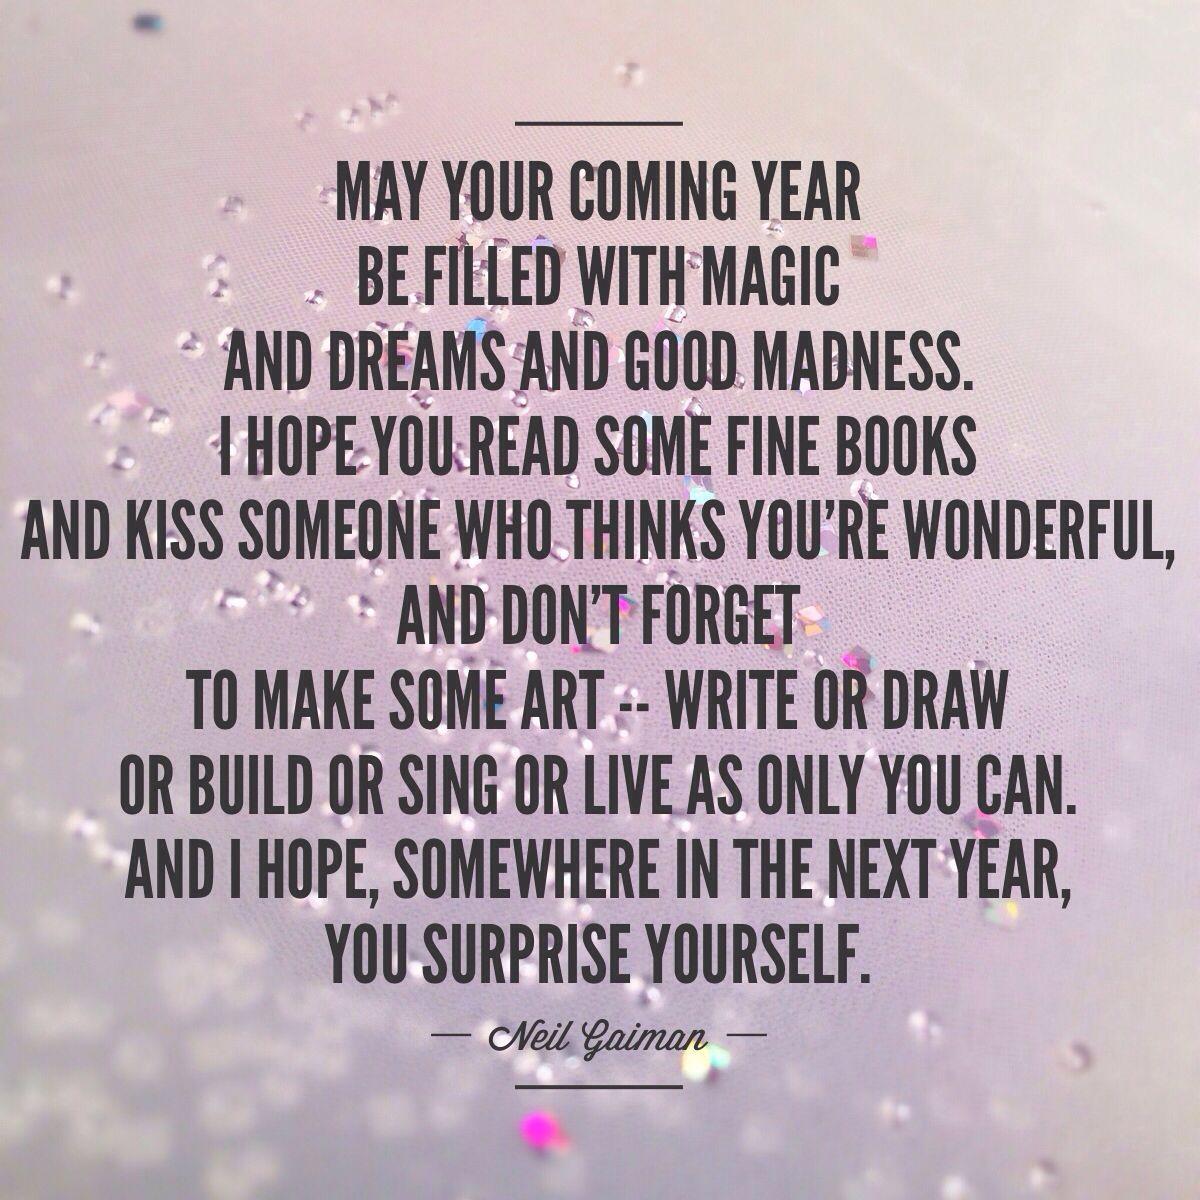 Happy New Year! Neil Gaiman quote Photo by Amanda Hobbs